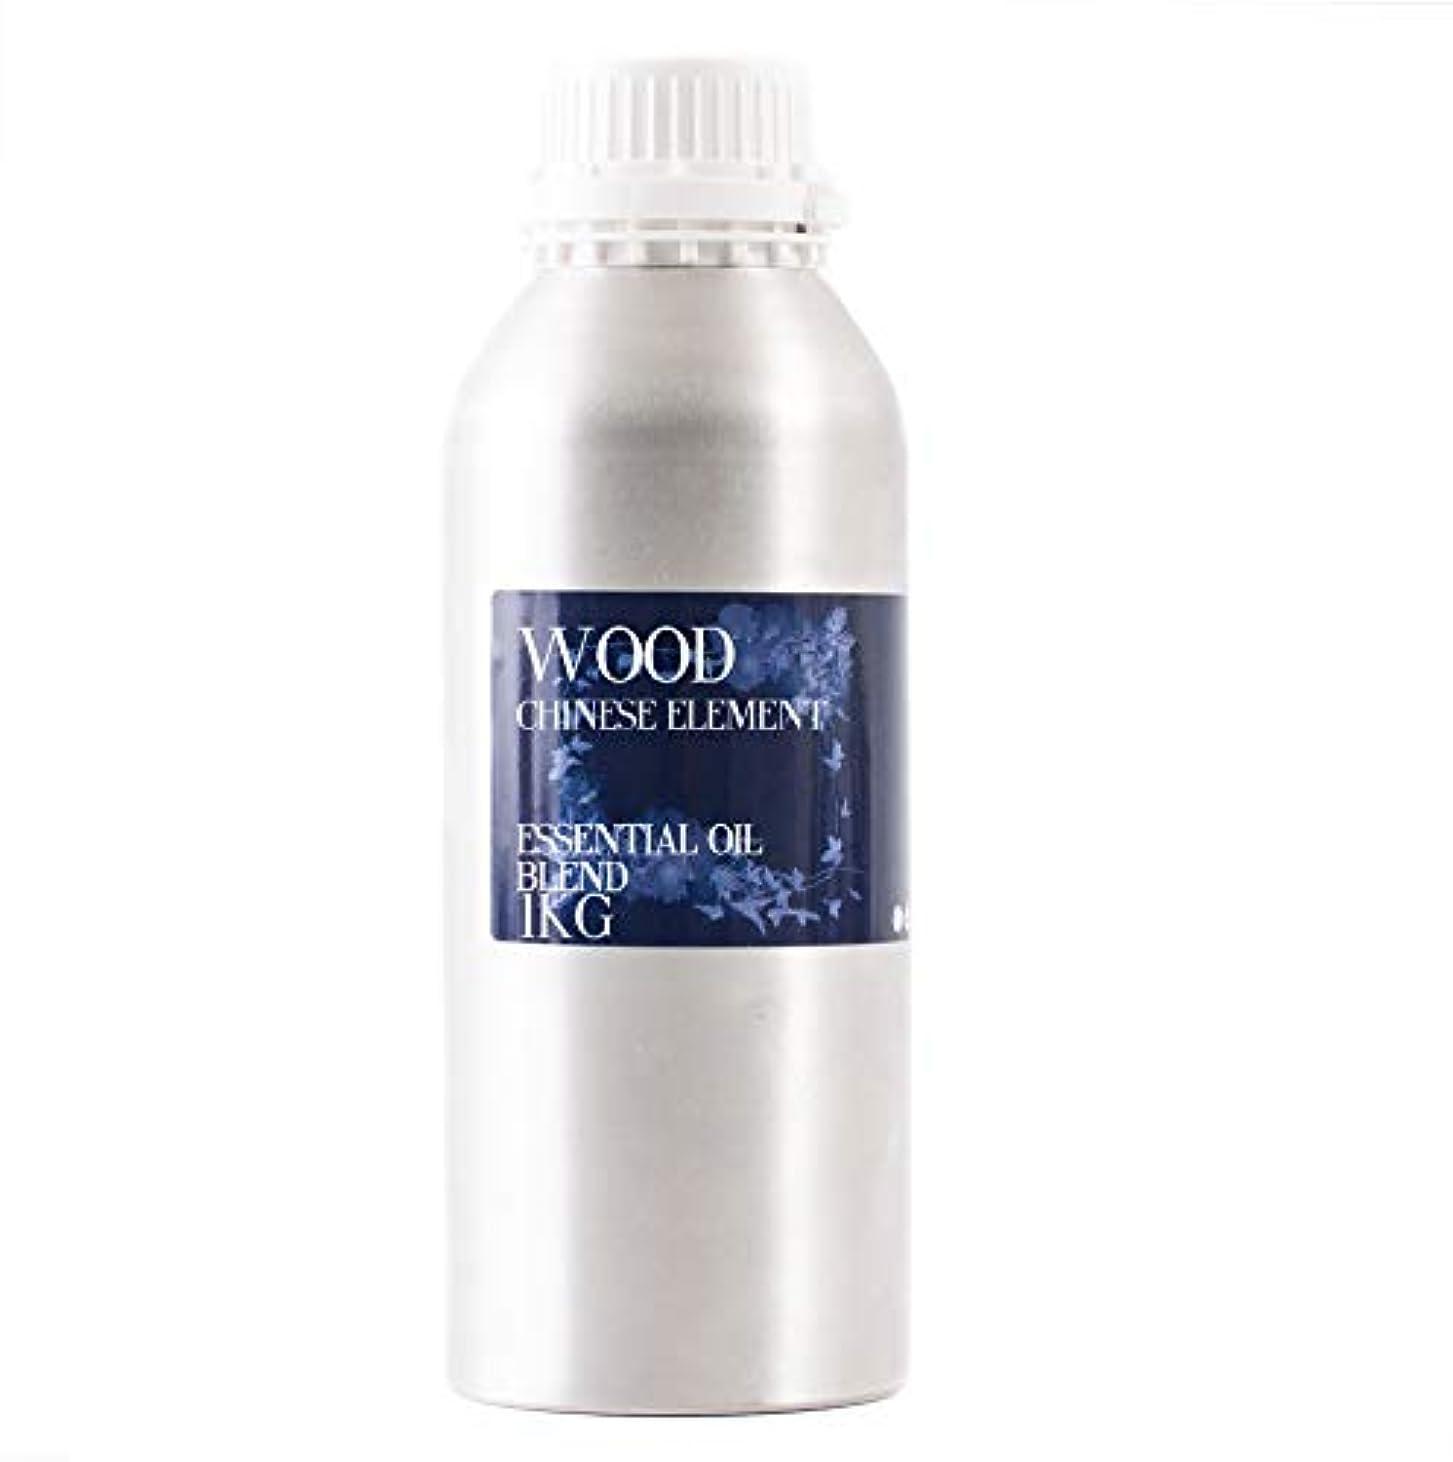 がっかりしたレザー放課後Mystix London | Chinese Wood Element Essential Oil Blend - 1Kg